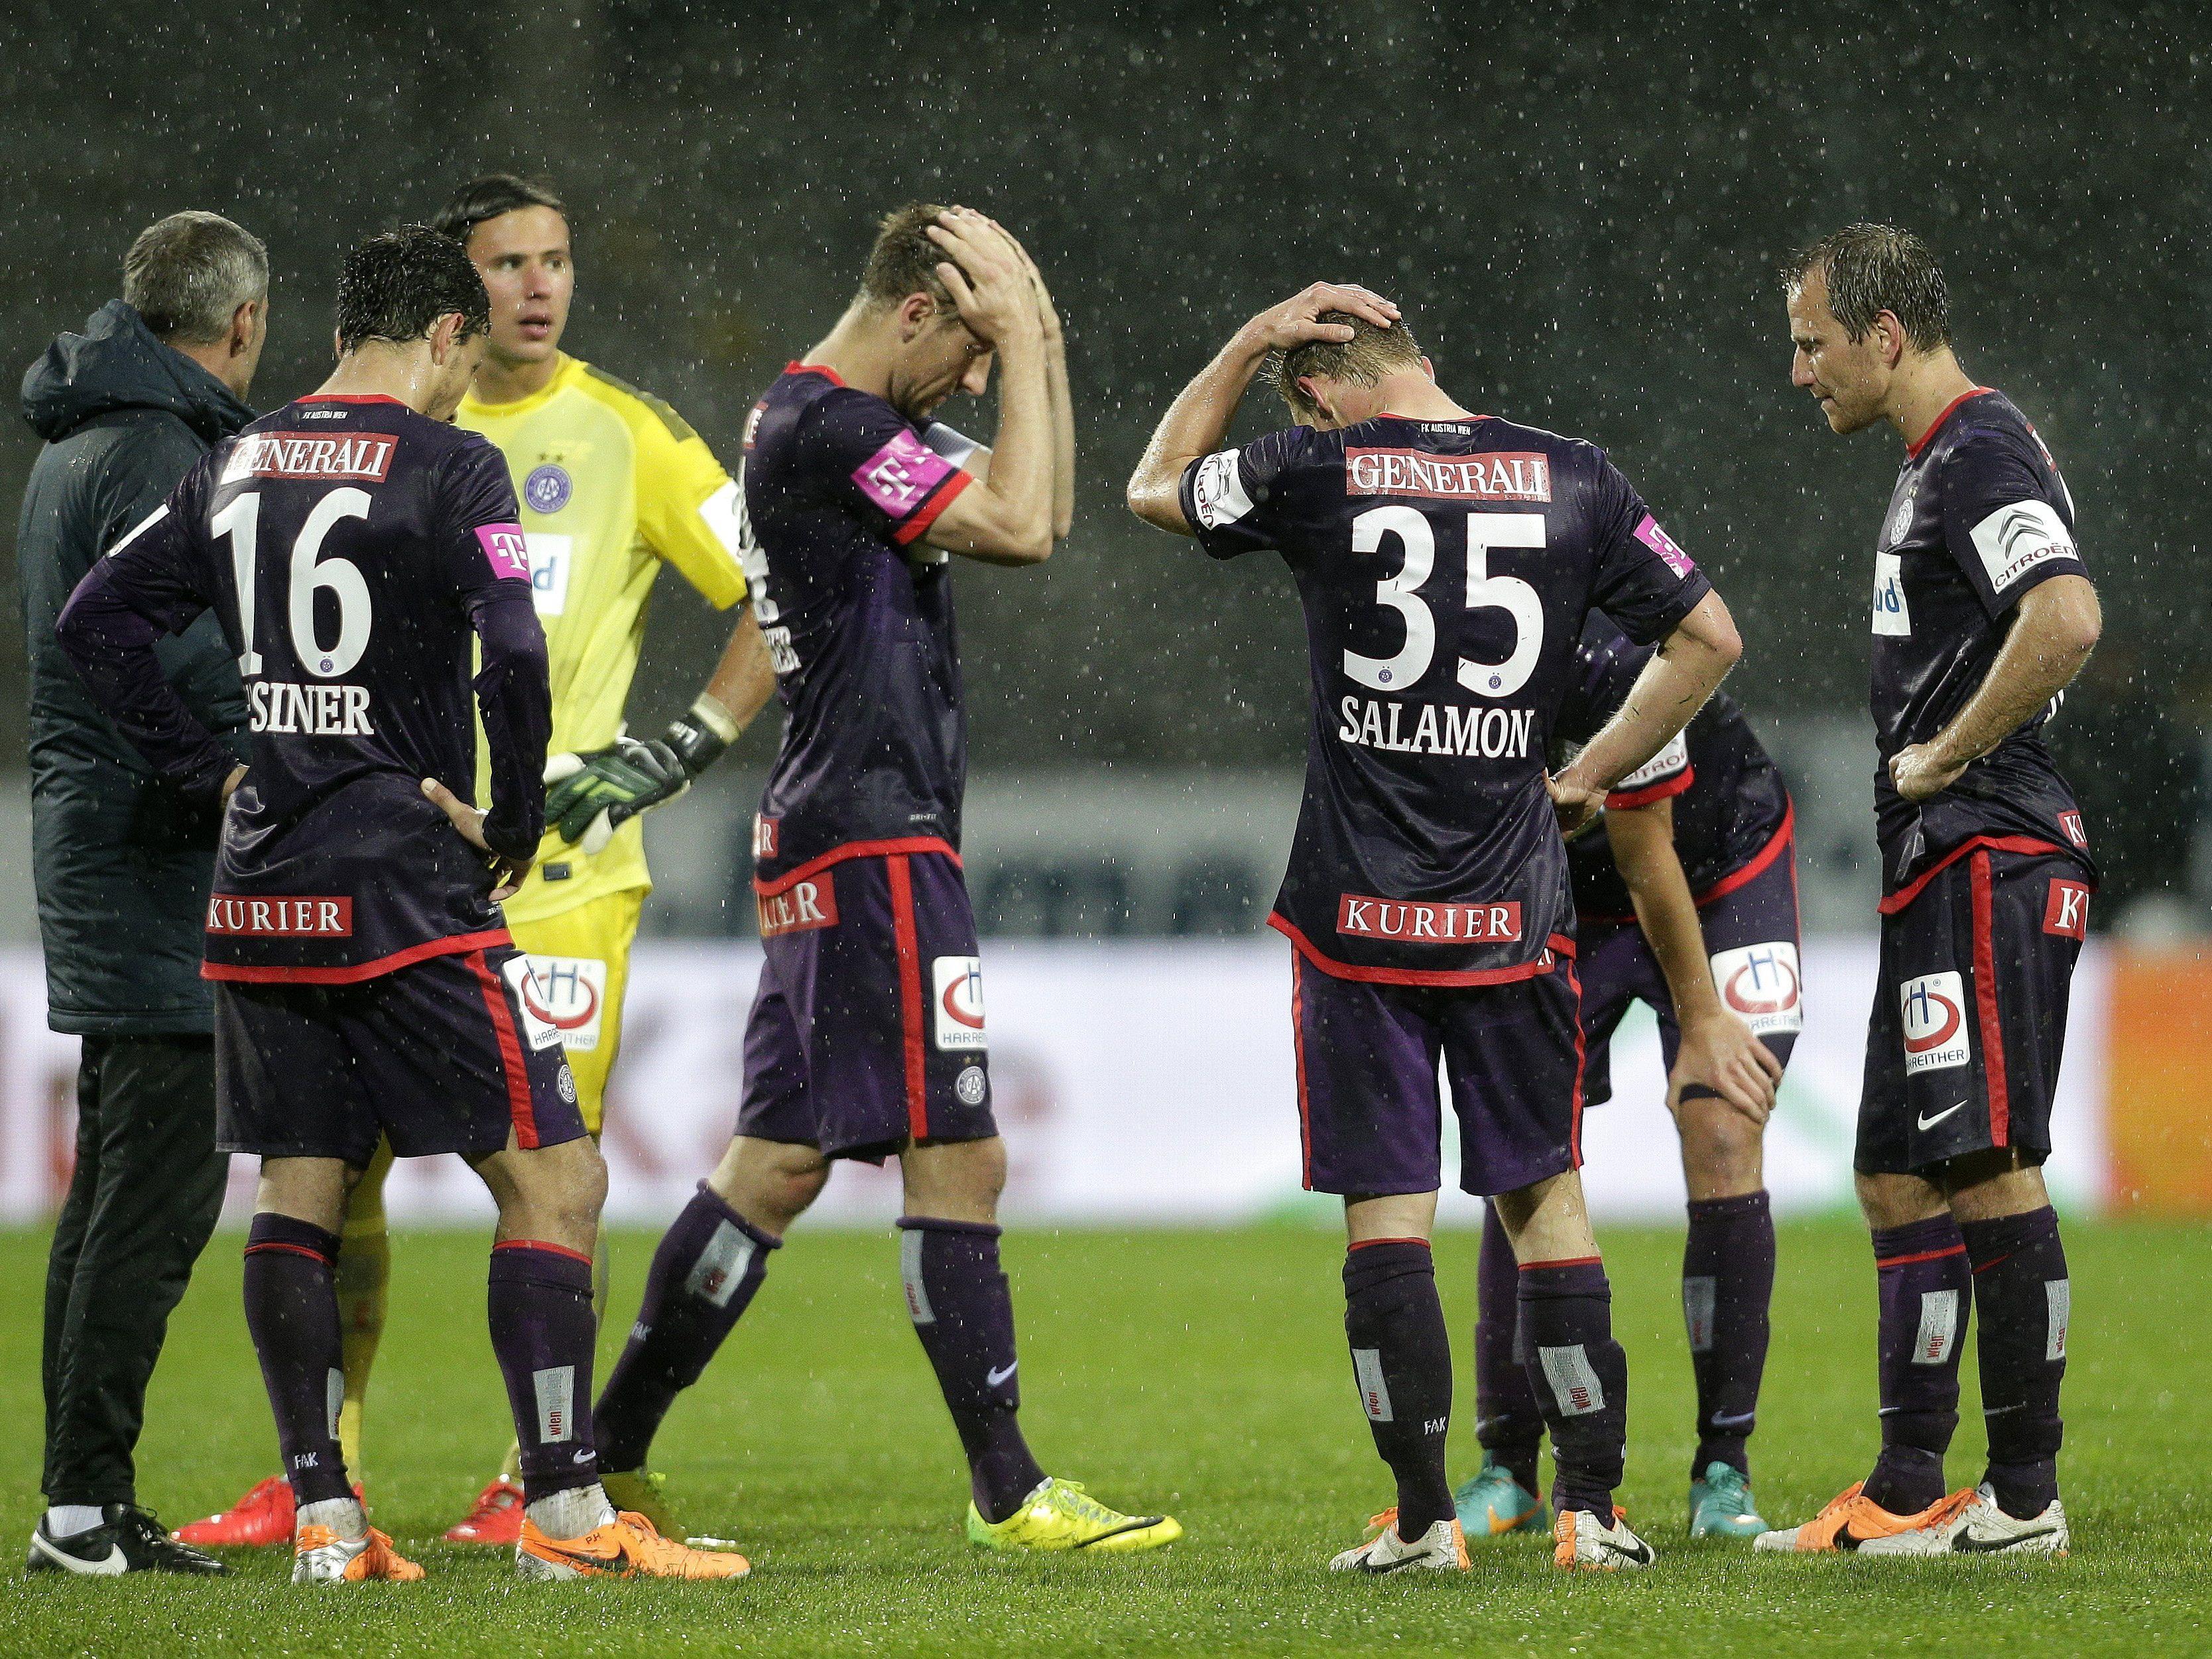 LIVE-Ticker zum Spiel SK Sturm Graz gegen FK Austria Wien ab 16.30 Uhr.